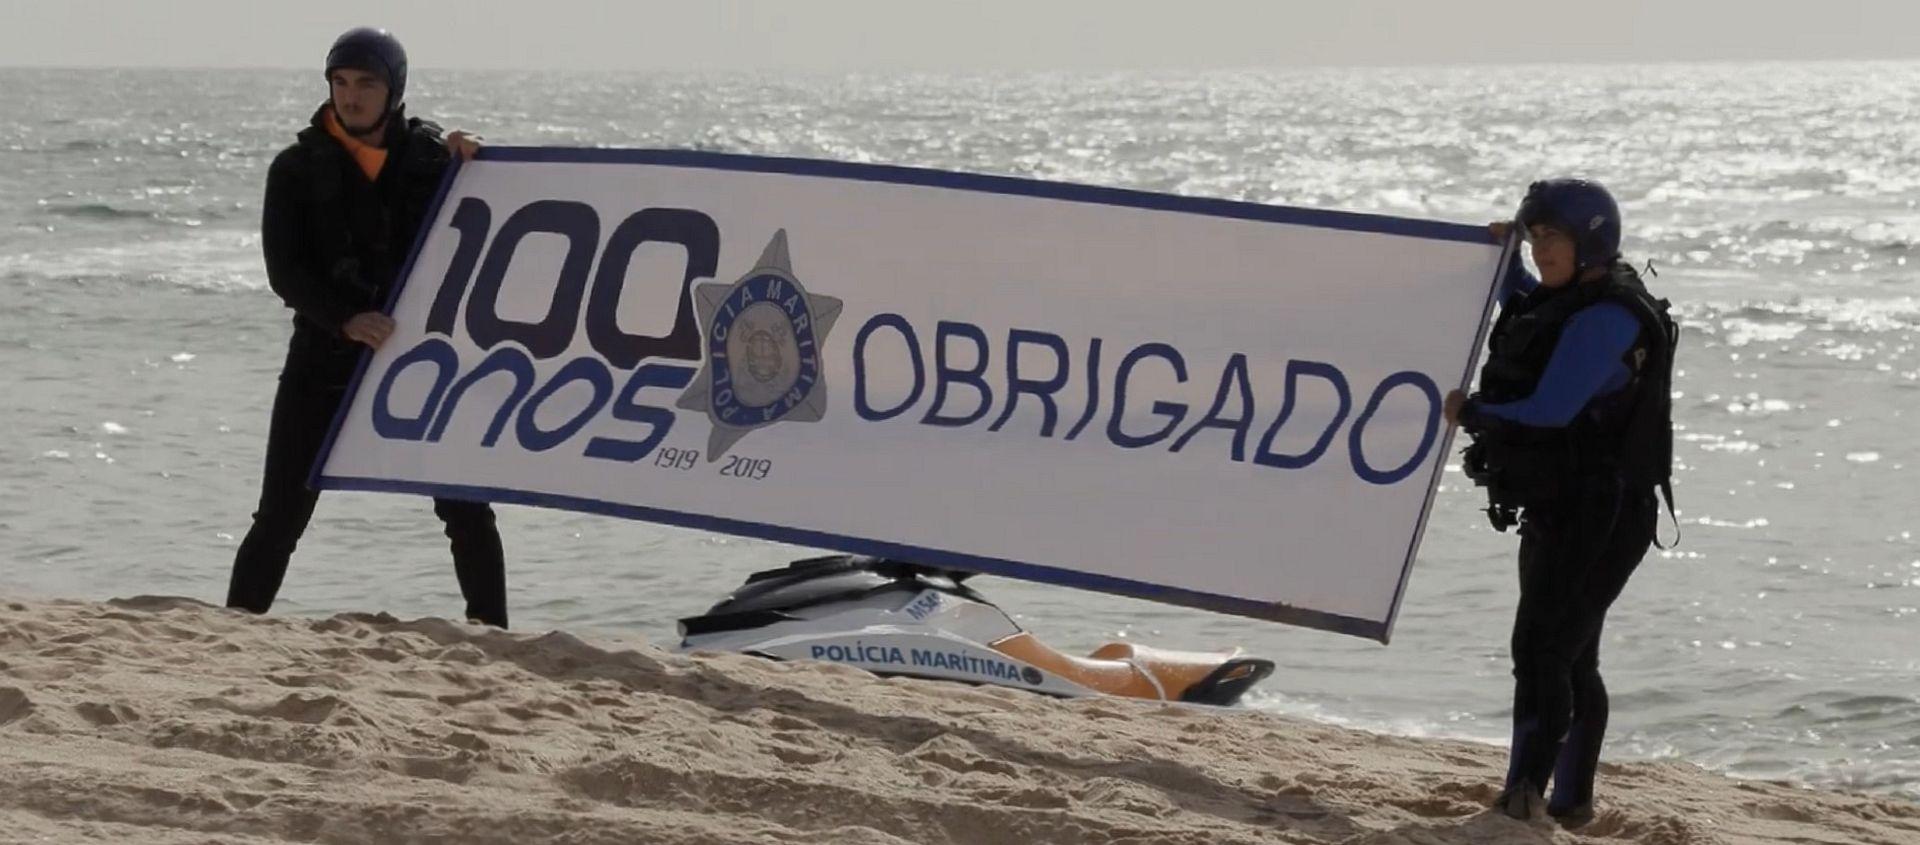 Polícia Marítima, instituição centenária, tão útil e relevante hoje como no passado